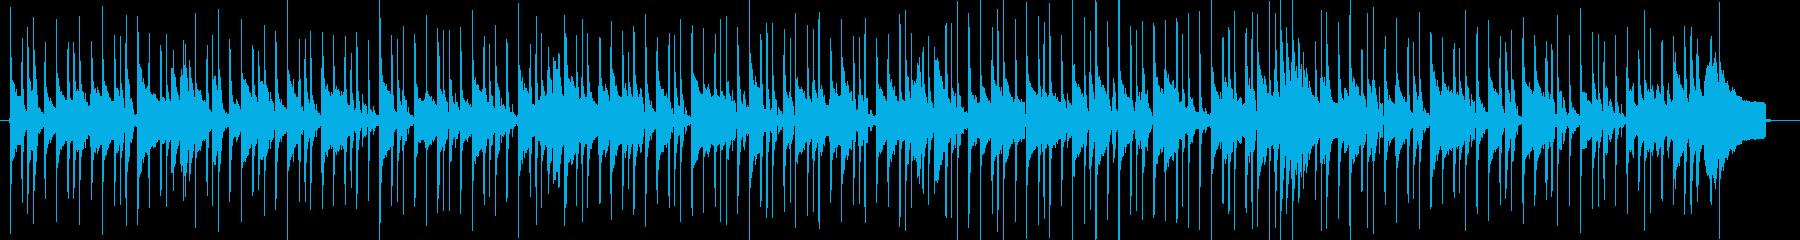 シンプルで切ないバラードビートの再生済みの波形